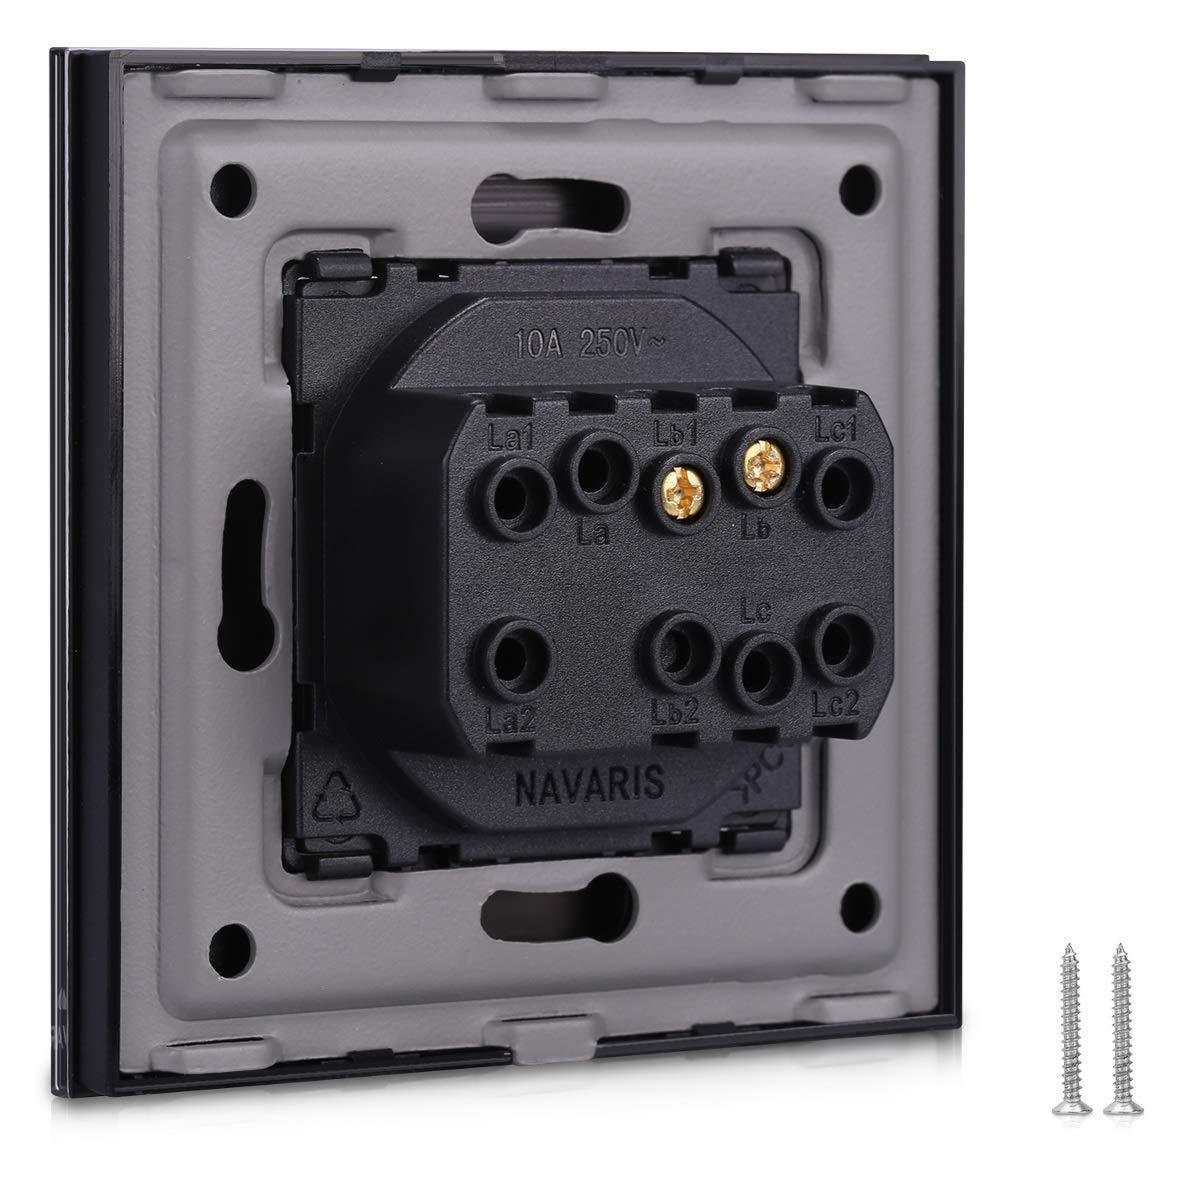 Elegante marco de cristal con interruptor para luz Placa empotrable en negro Navaris Interruptor para pared con marco de cristal